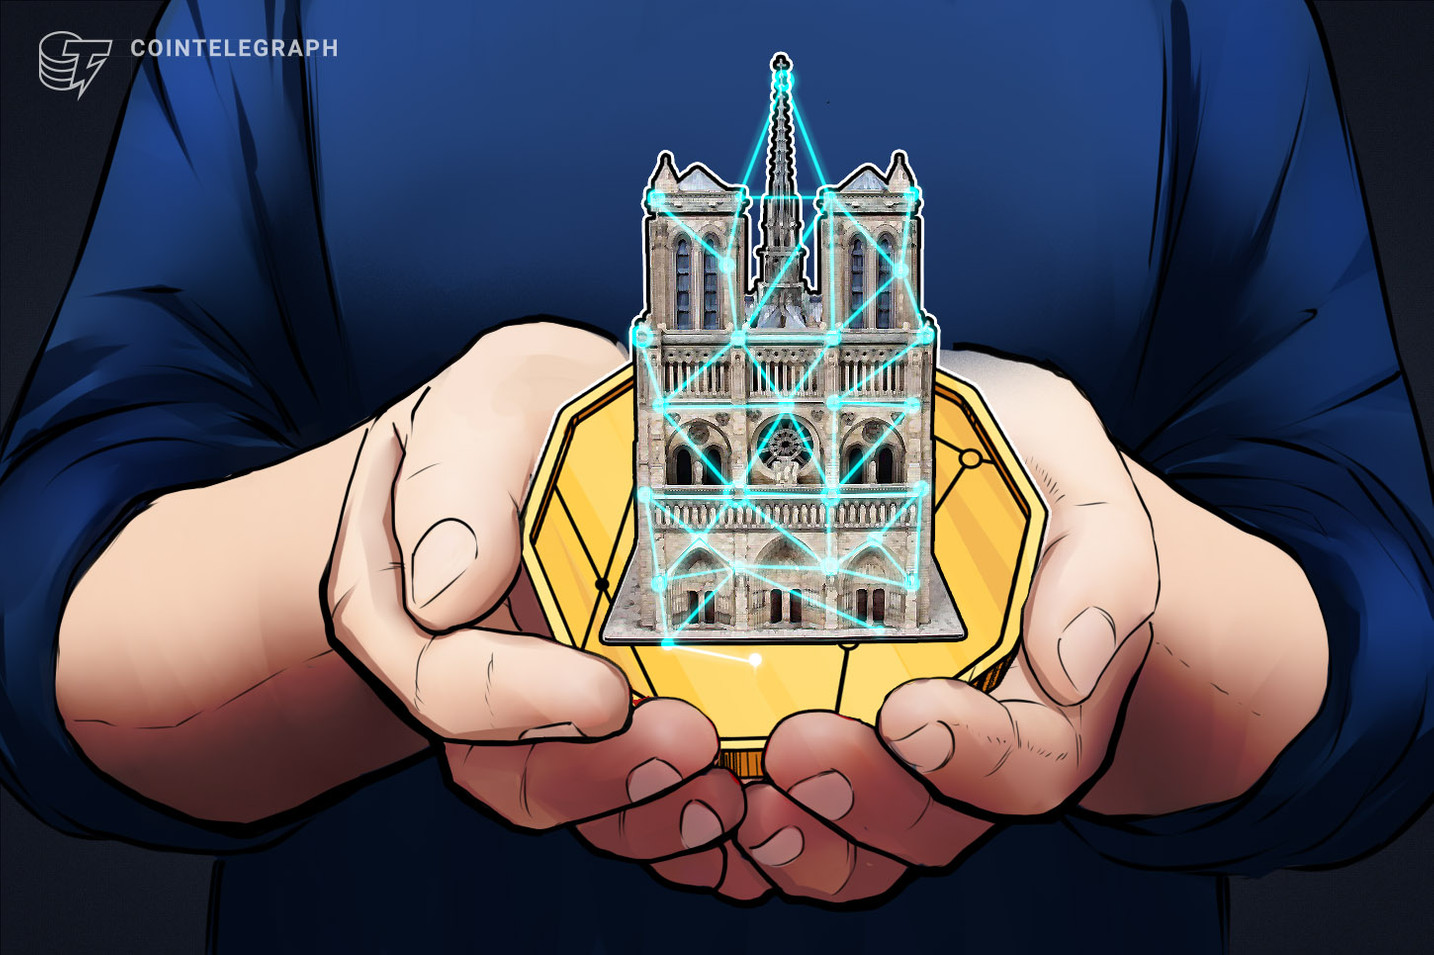 Ministro de gobierno francés abierto a permitir donaciones en criptomonedas para Notre Dame